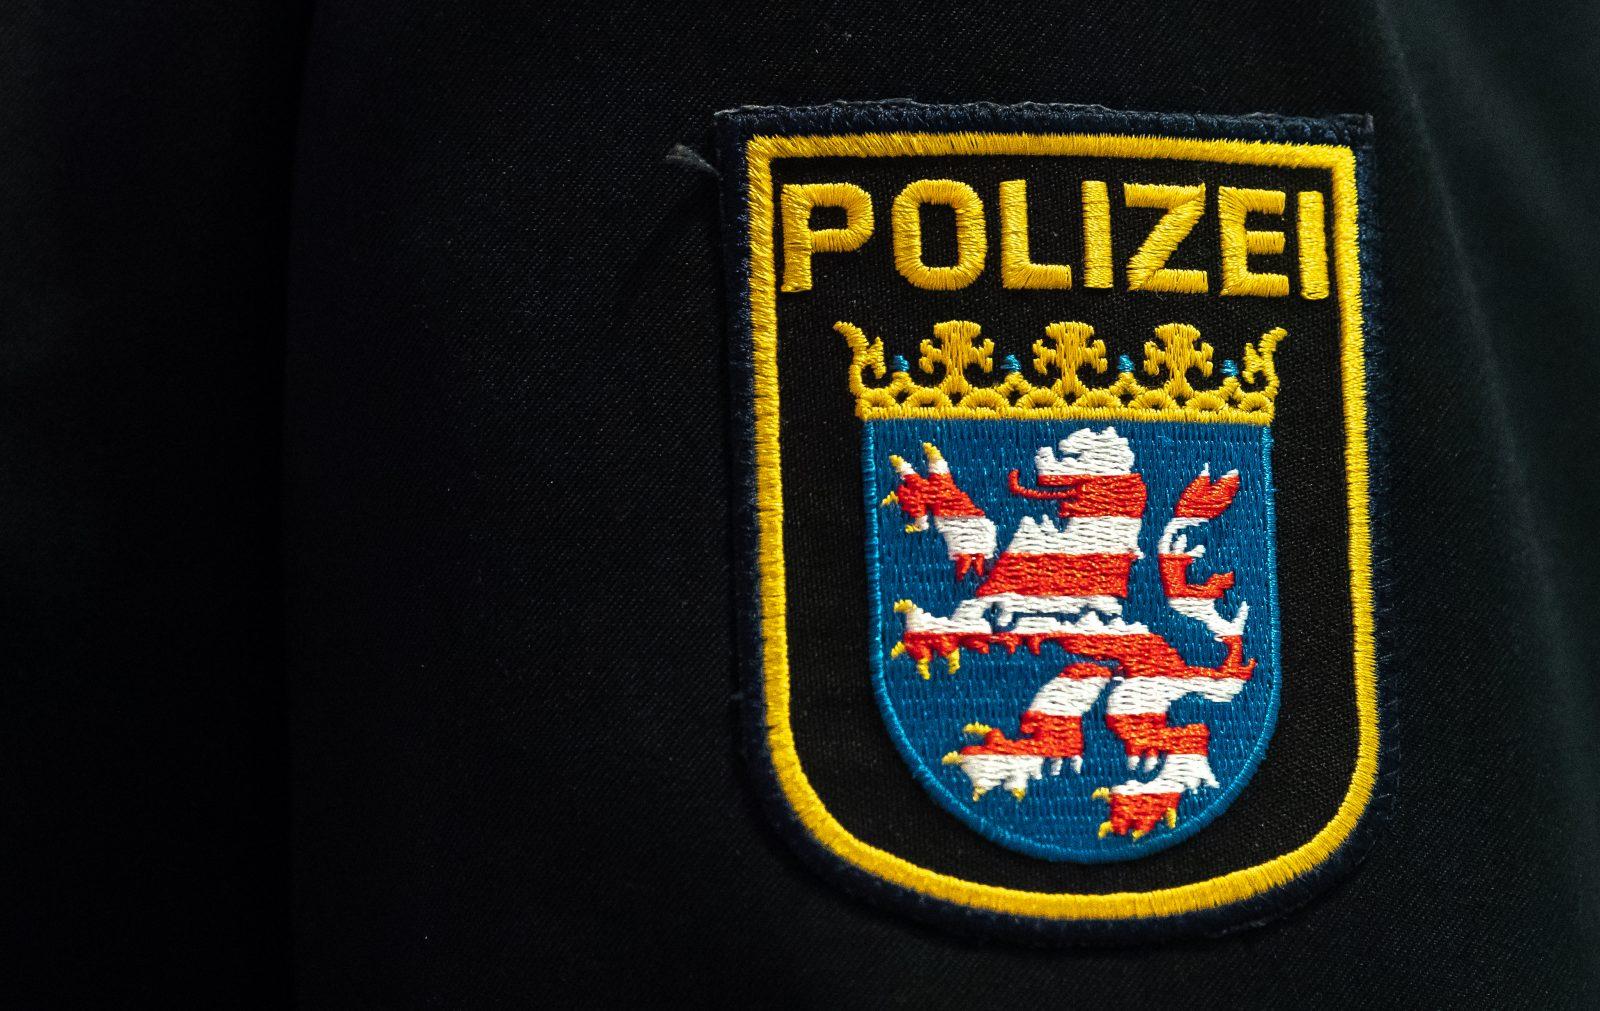 Wappen der Polizei Hessen auf der Uniform Foto: picture alliance/Silas Stein/dpa